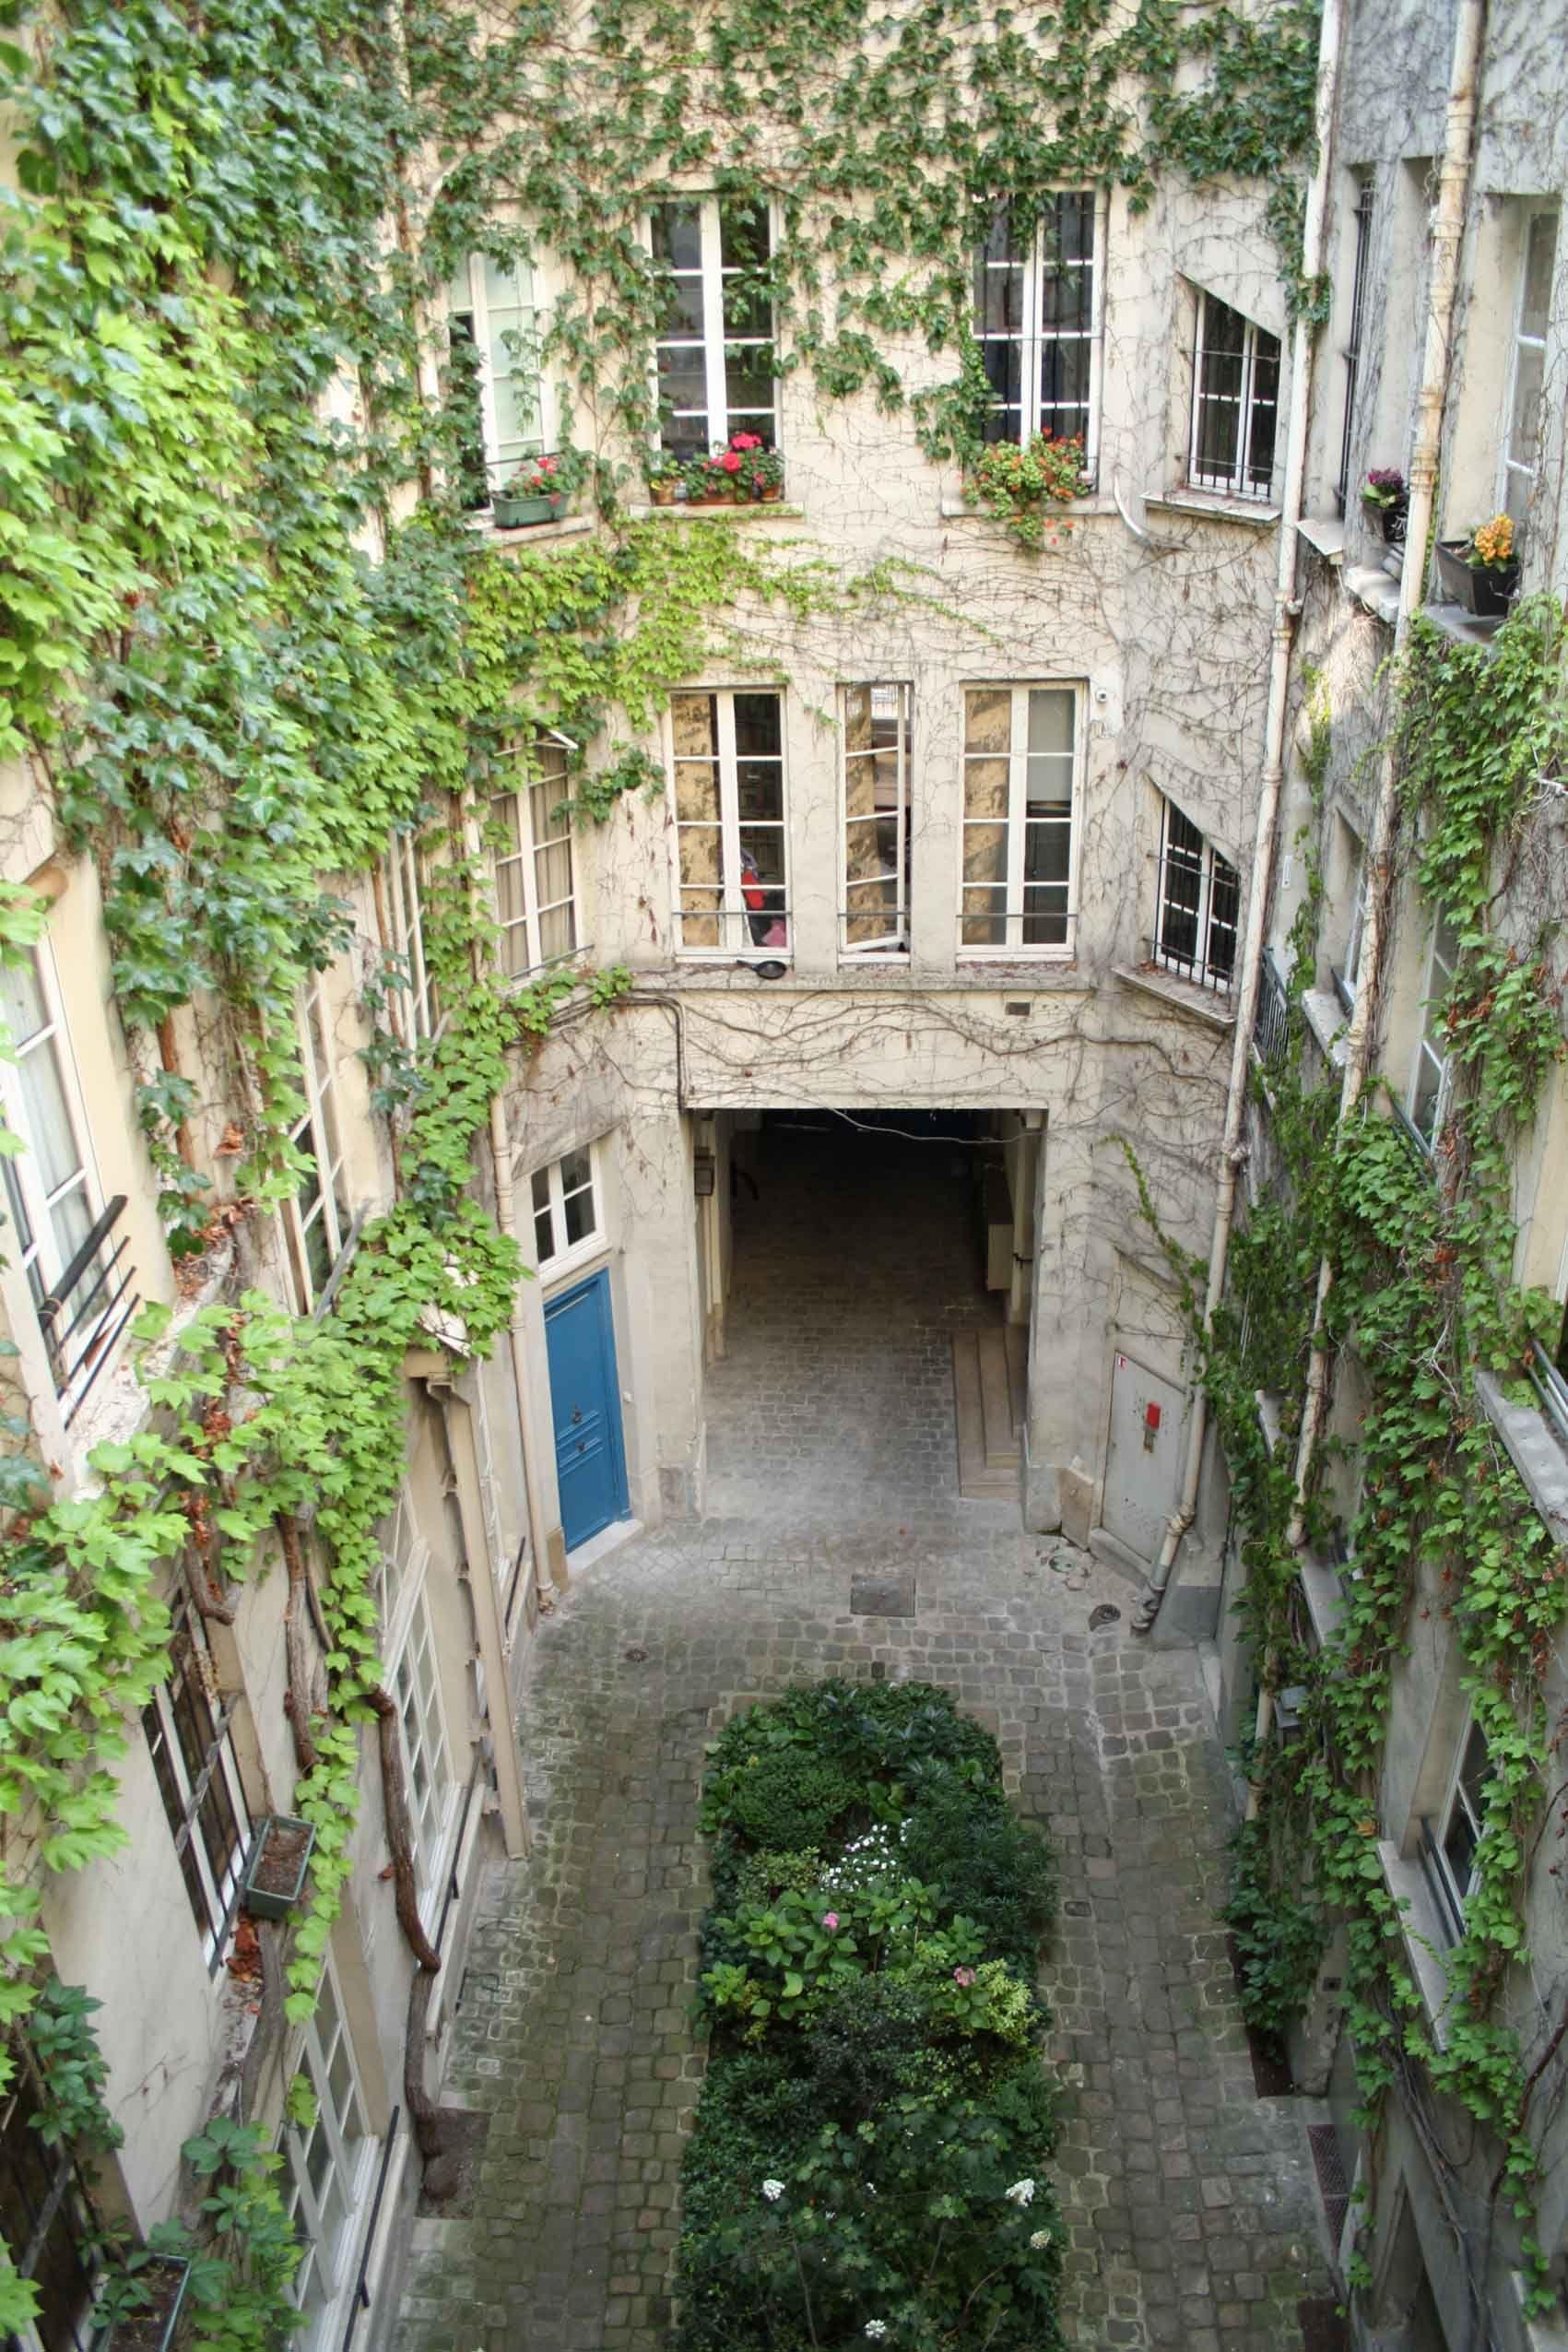 Le Marais apartment - CLVII is waiting for you at Le Marais 93 rue de la Verrerie 75004 Paris and online clvii-eshop.com/